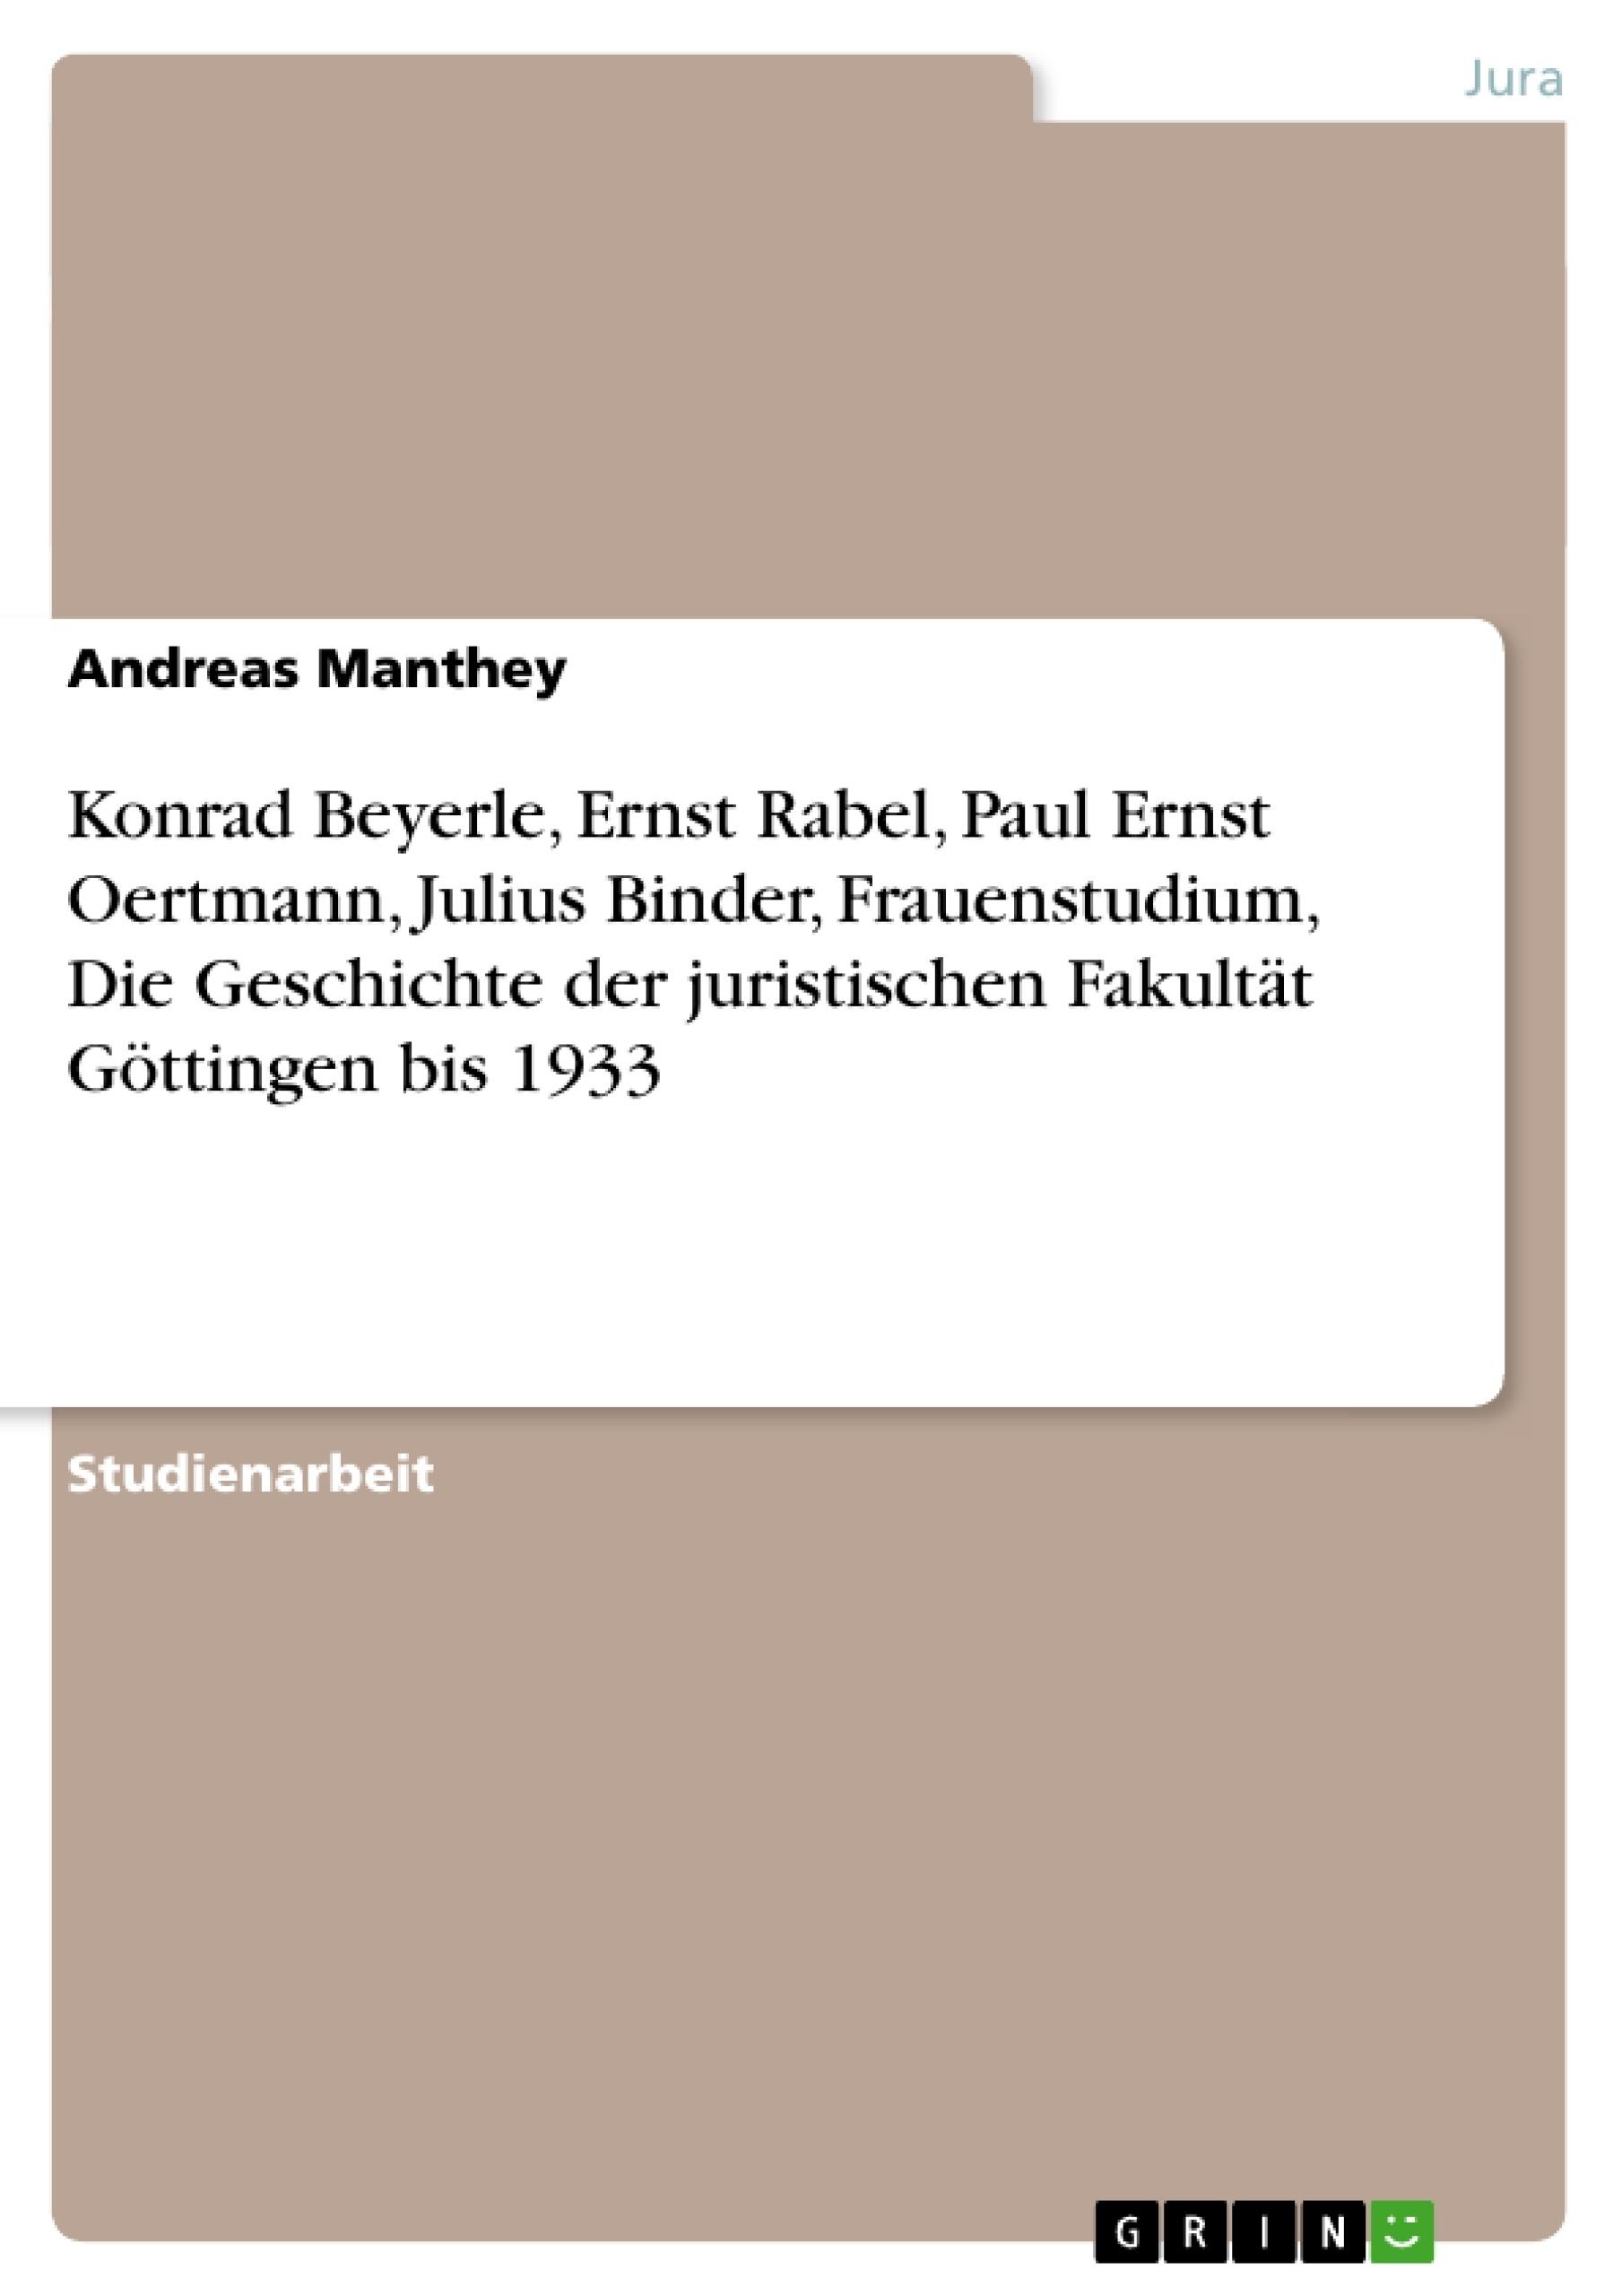 Titel: Konrad Beyerle, Ernst Rabel, Paul Ernst Oertmann, Julius Binder, Frauenstudium, Die Geschichte der juristischen Fakultät Göttingen bis 1933